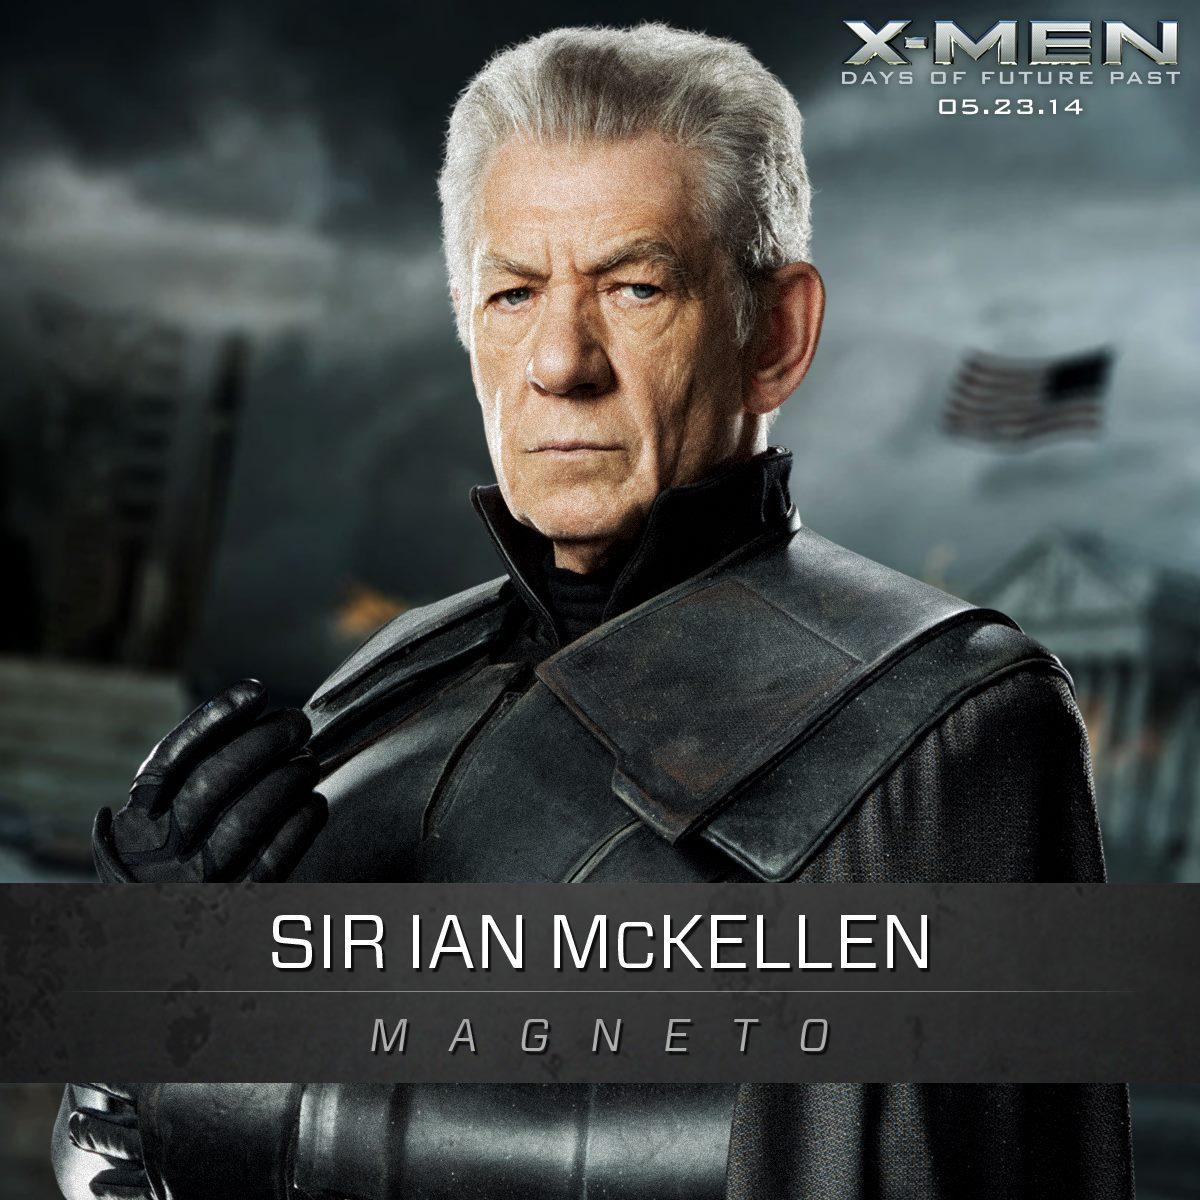 Nuova immagine da X-Men: Days of Future Past